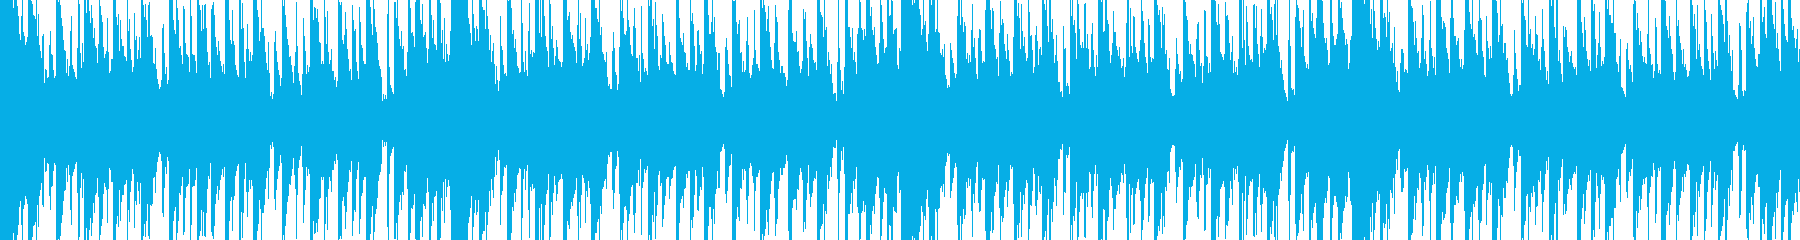 カッティングギター系短ループ曲の再生済みの波形